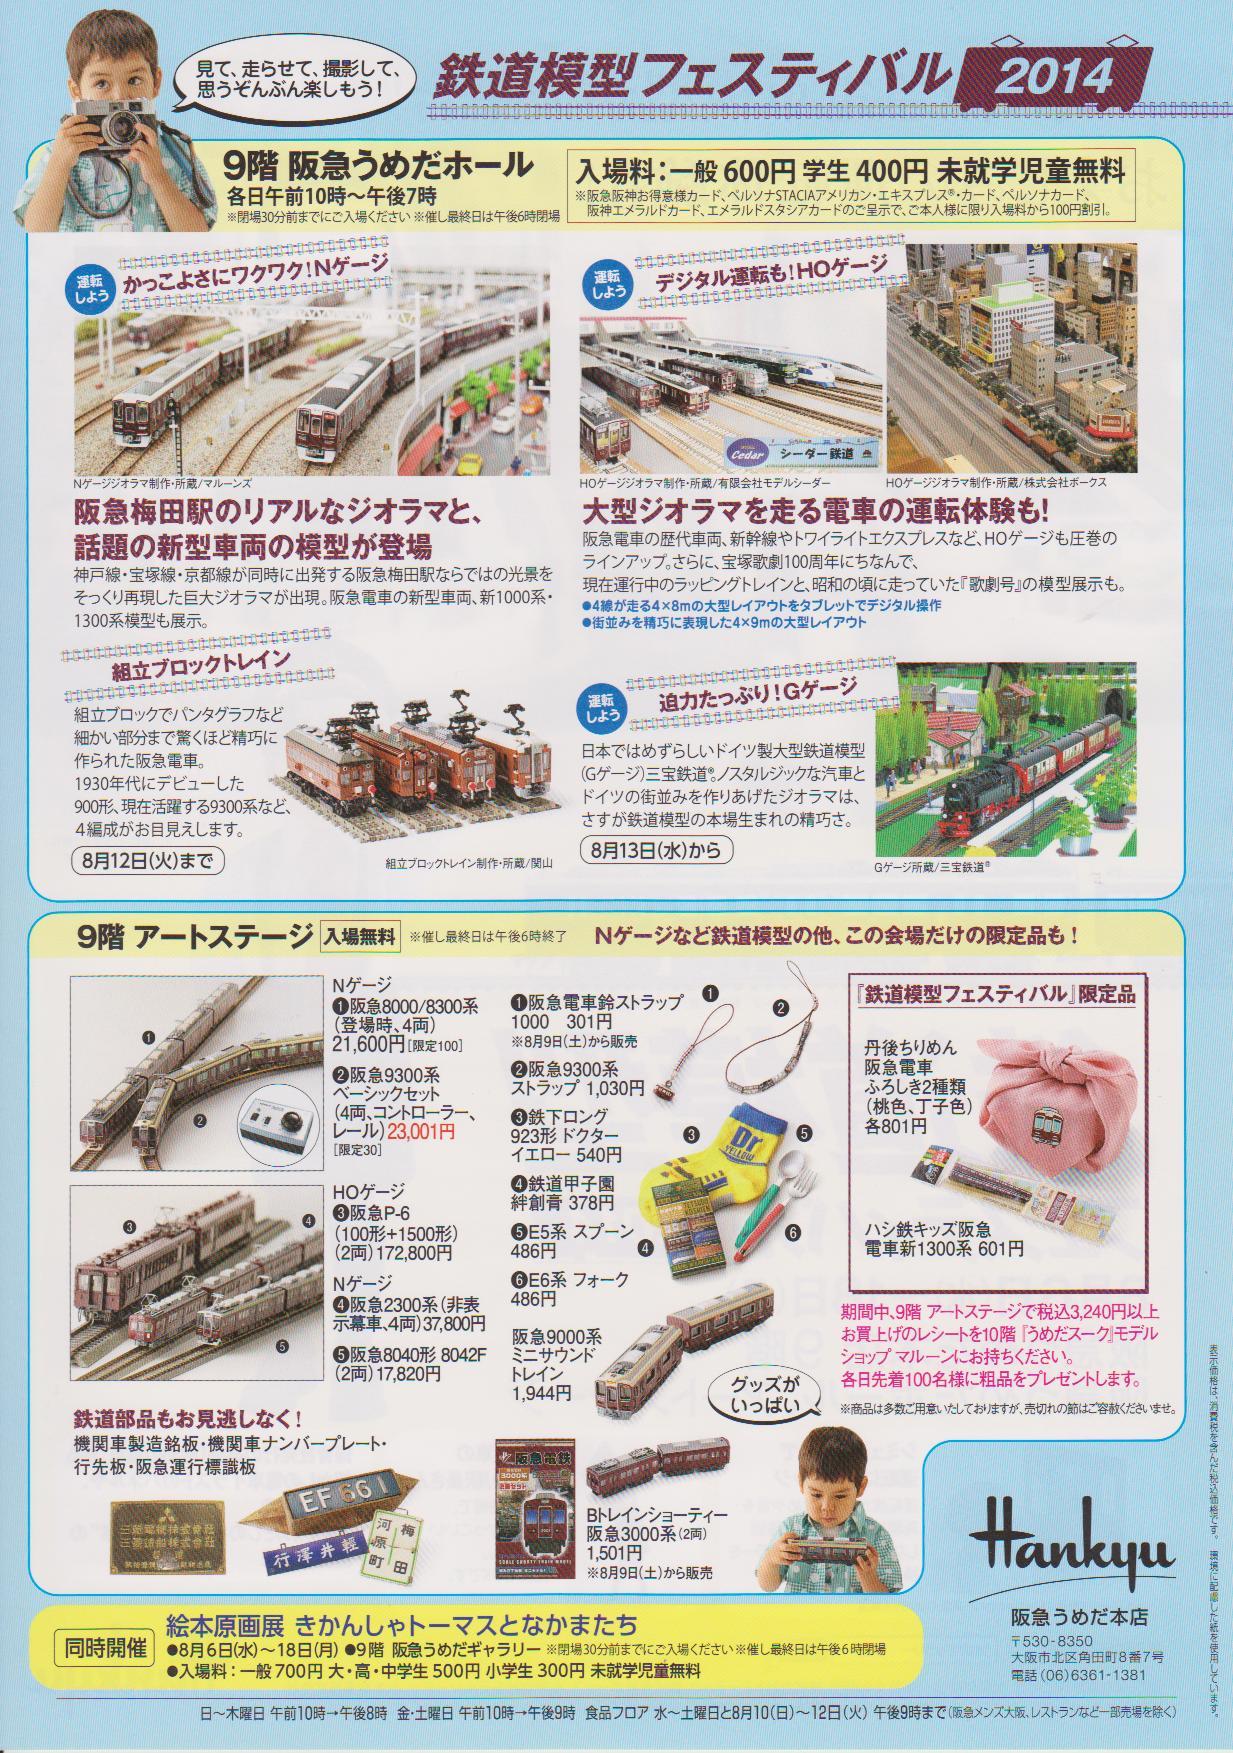 2014年阪急鉄道模型フェスティバルご案内_a0066027_13435855.jpg